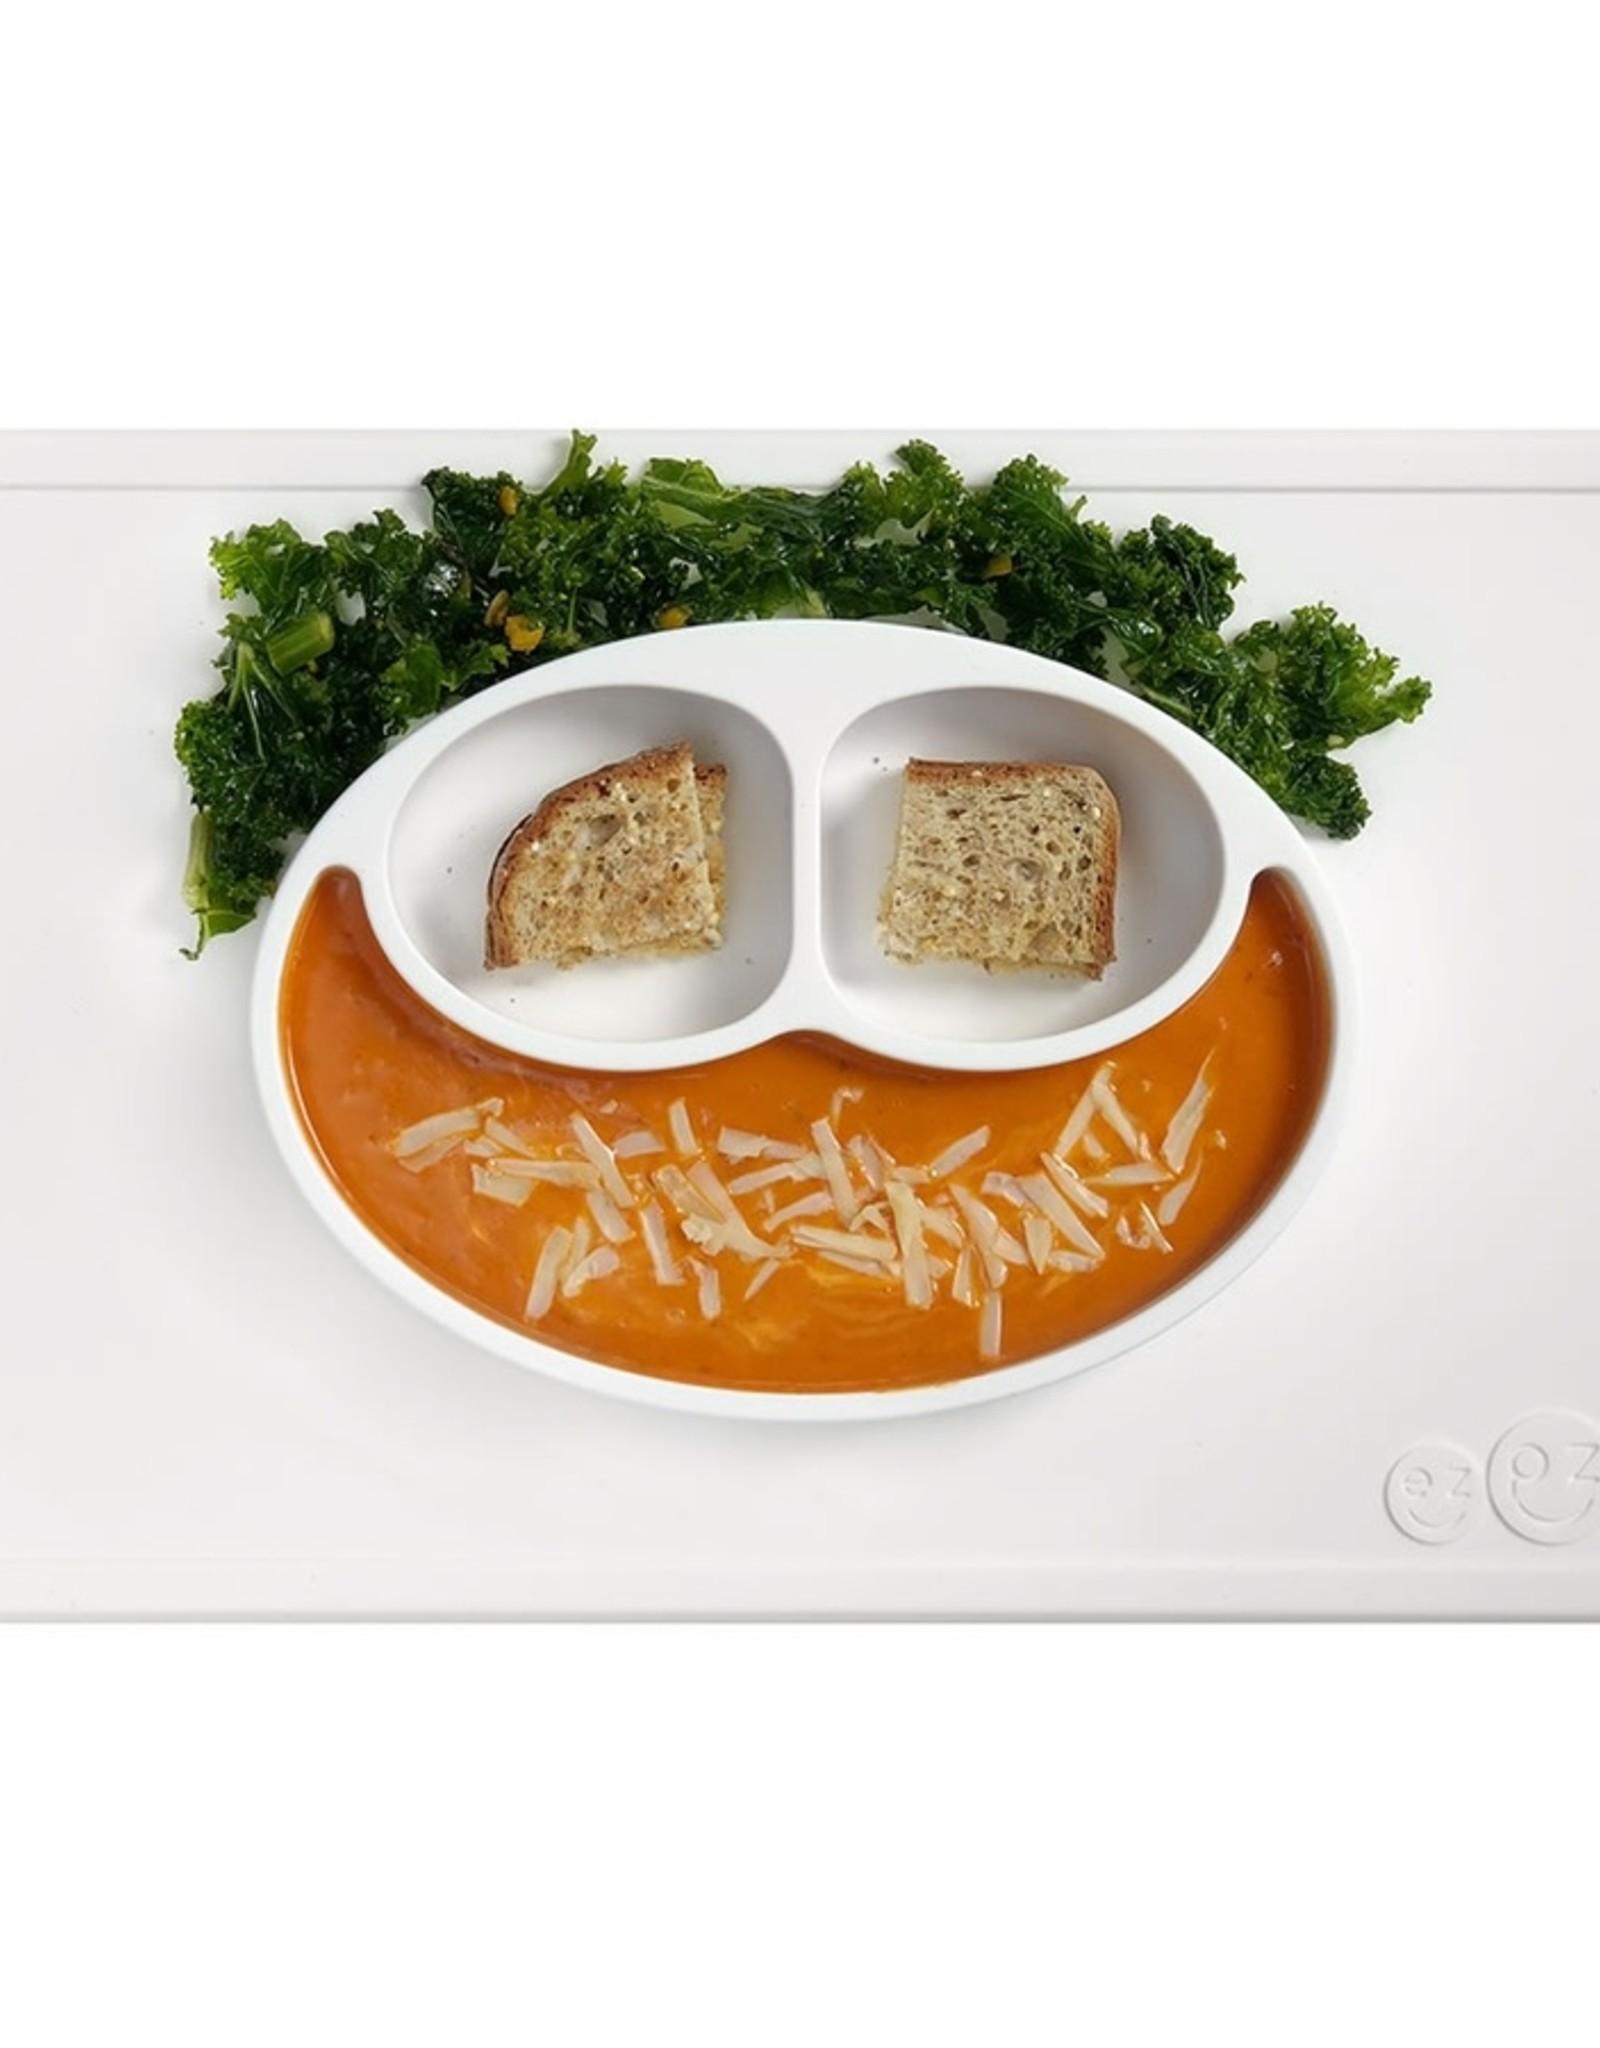 EZPZ Happy mat - Cream